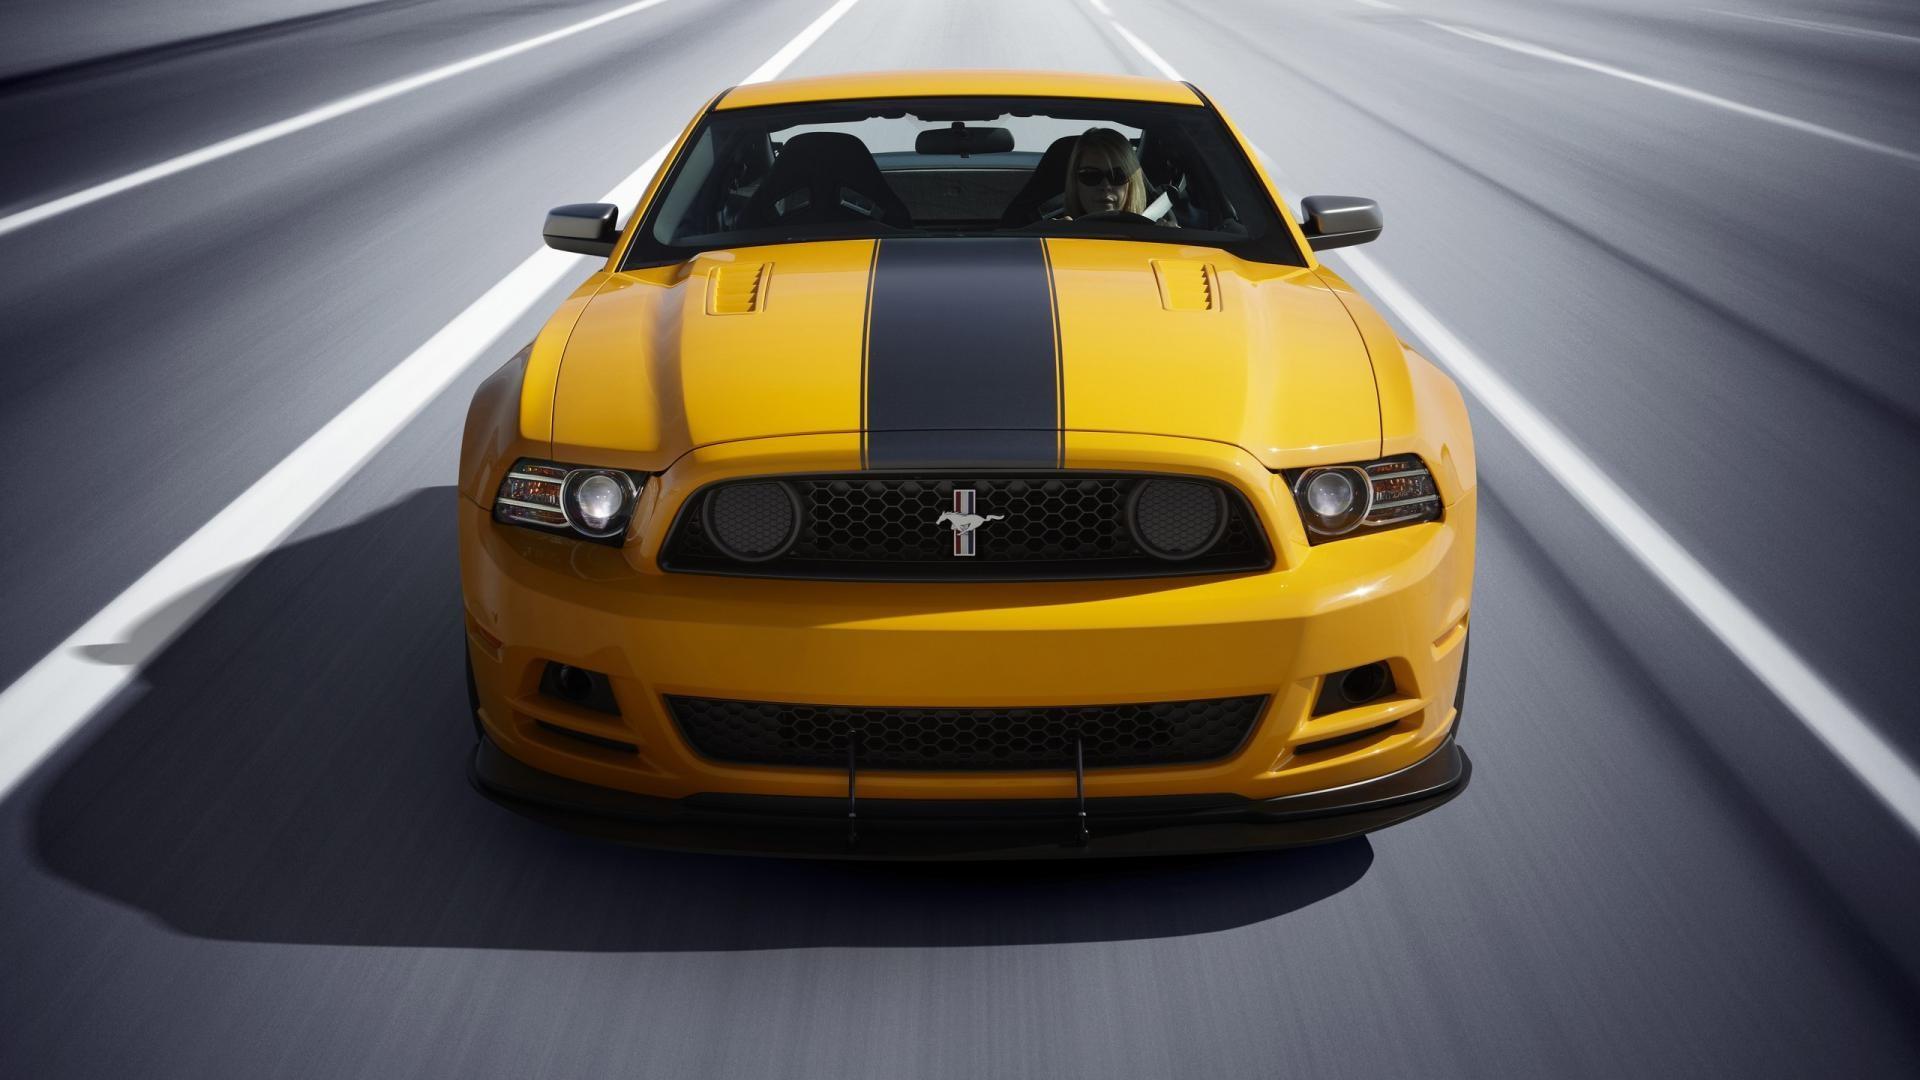 Mustang Gt Wallpaper 81 Pictures